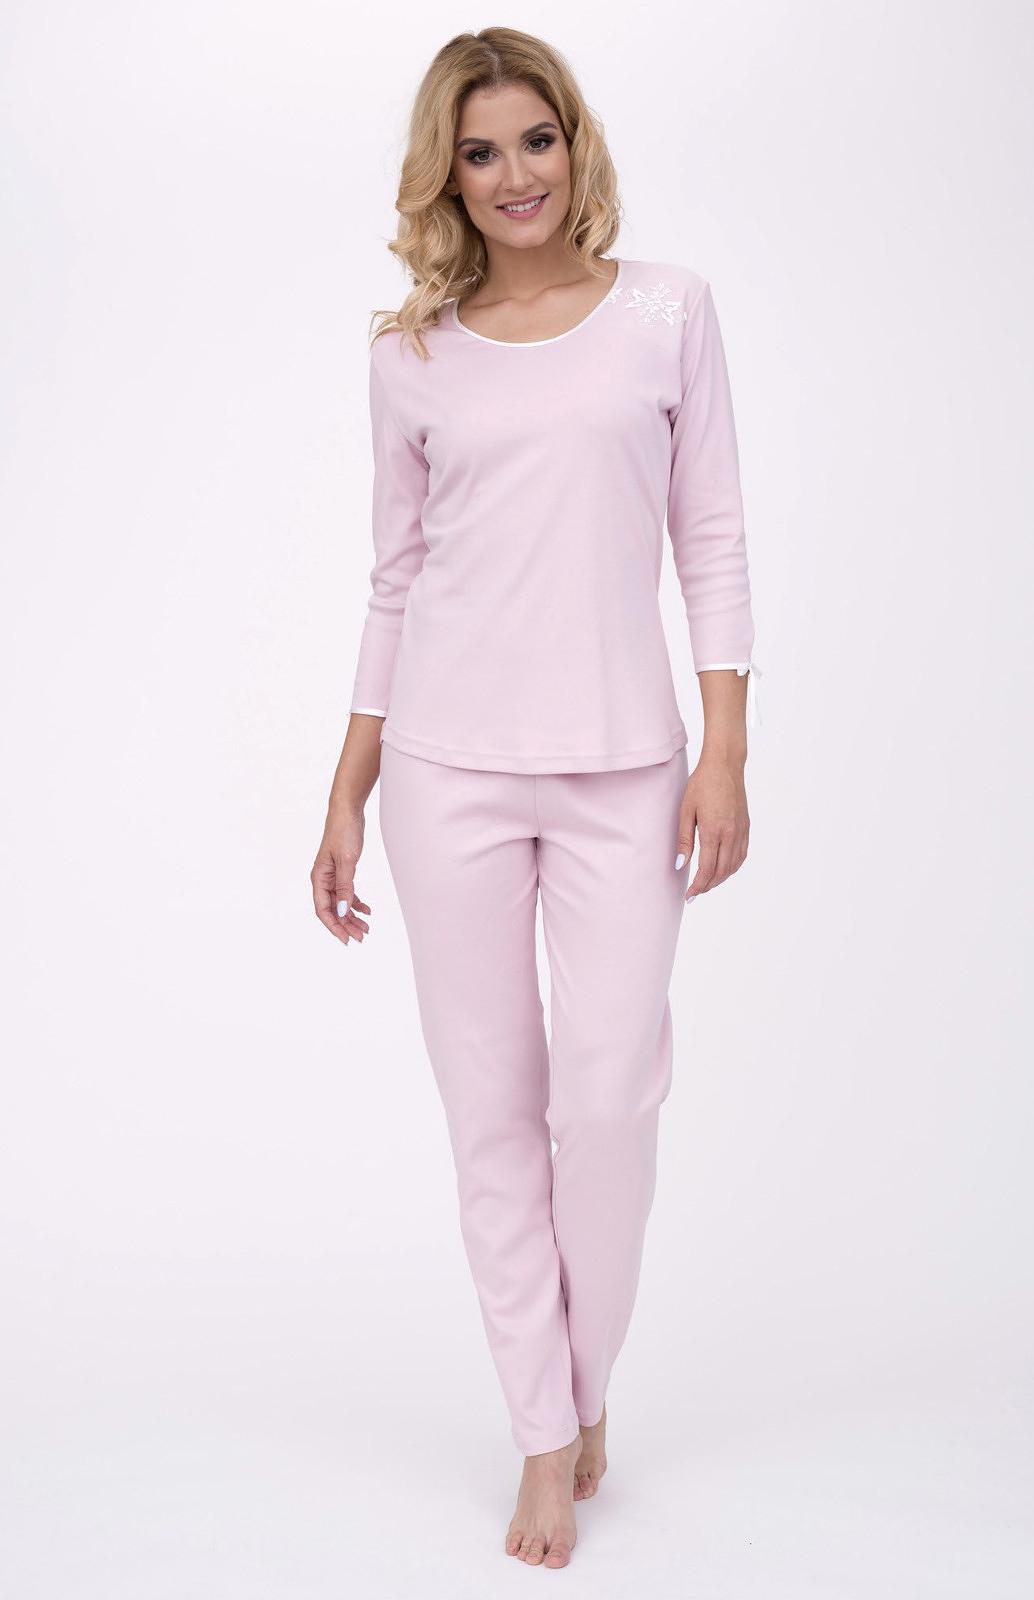 f1a299918c15 Dámské pyžamo Cana 009 7 8 2XL - Růžová XXL empty